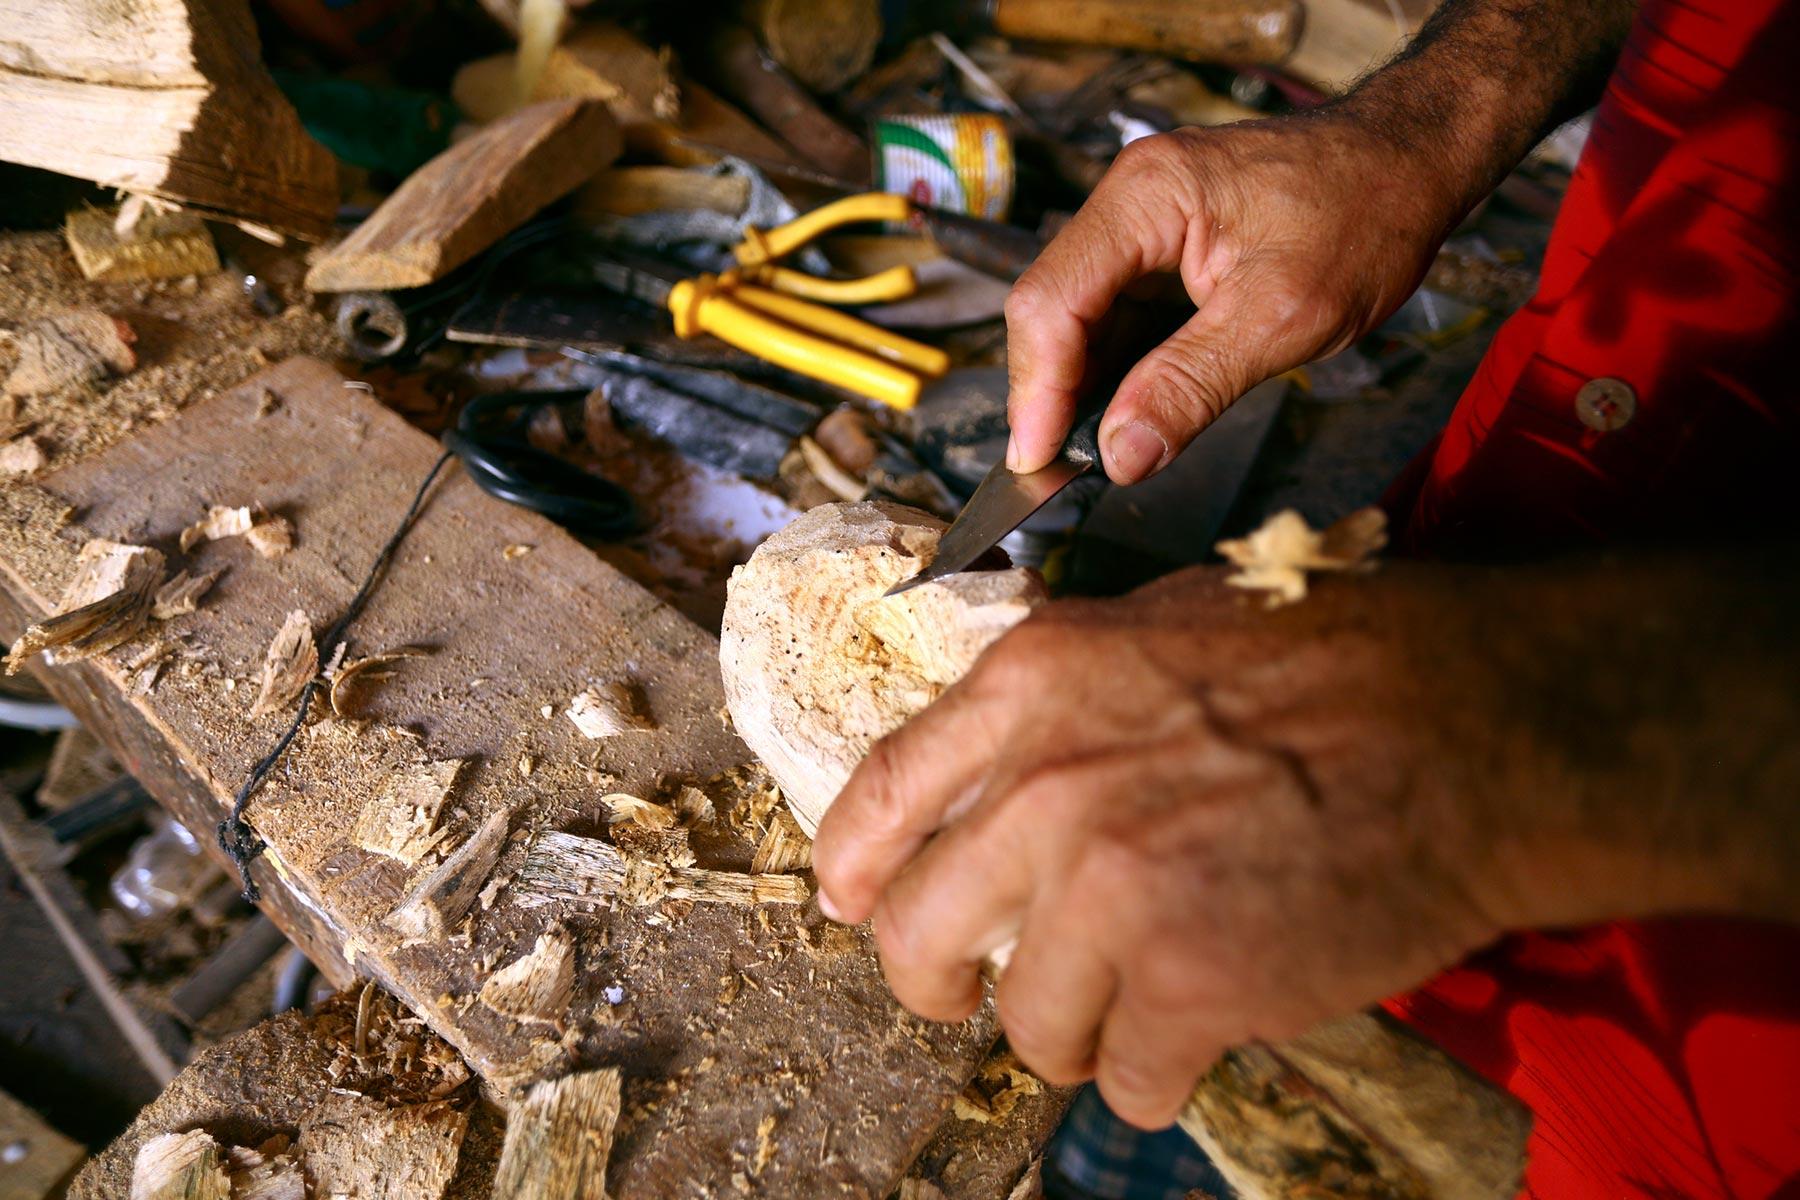 Miro esculpe a cabeça de um Simão, figura do mamulengo que é conhecida por começar   a brincadeira popular